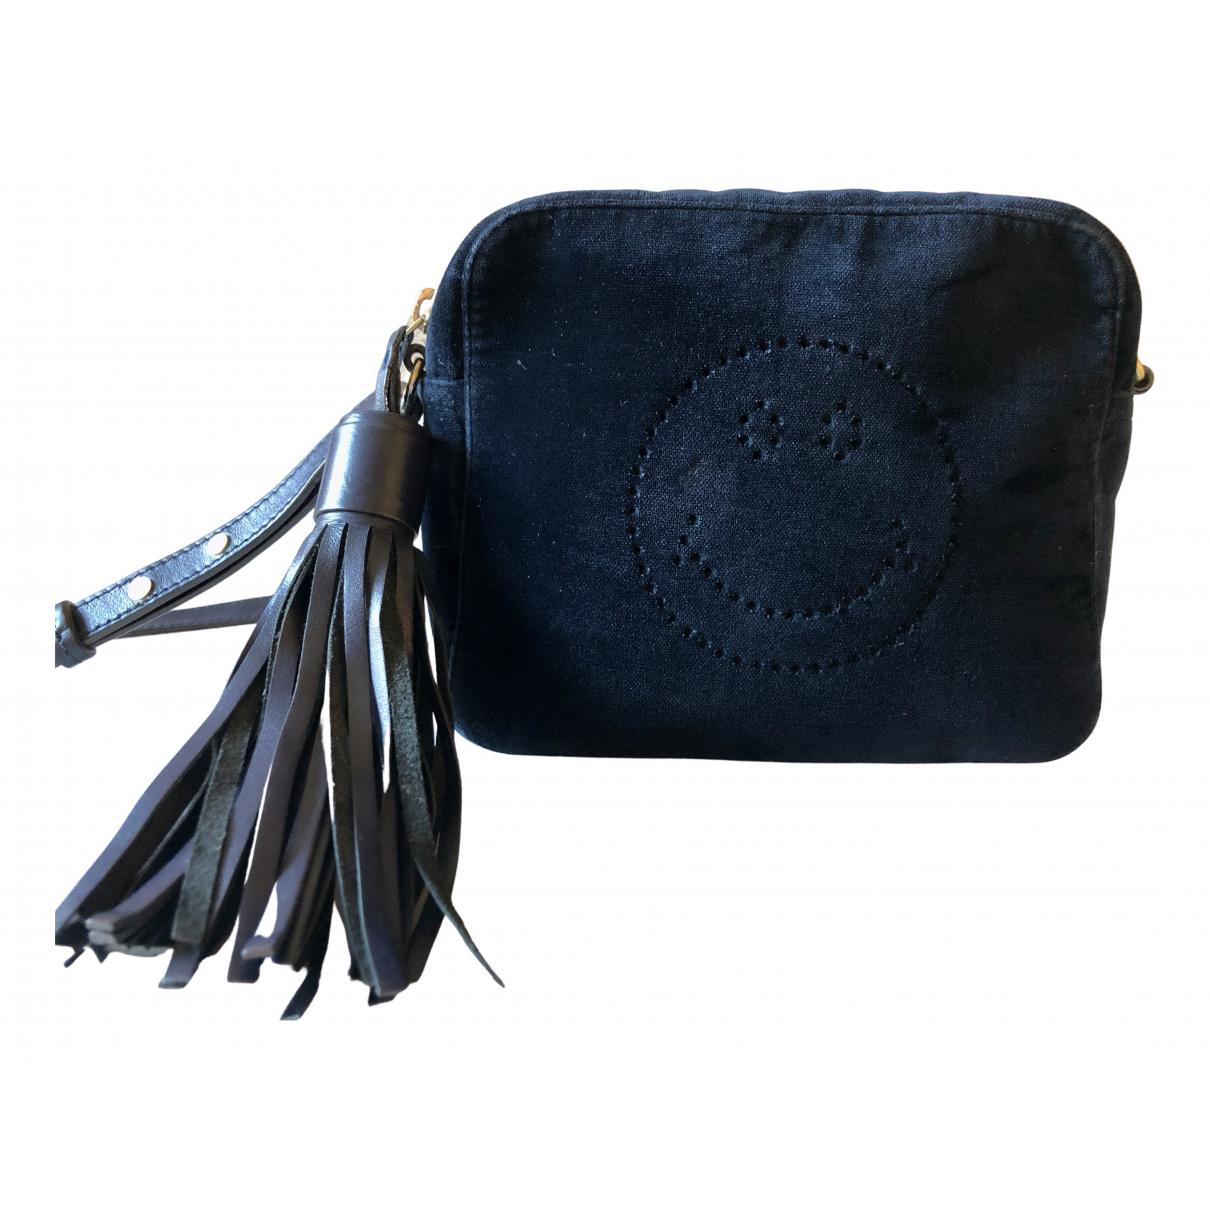 Anya Hindmarch N Blue Velvet handbag for Women N